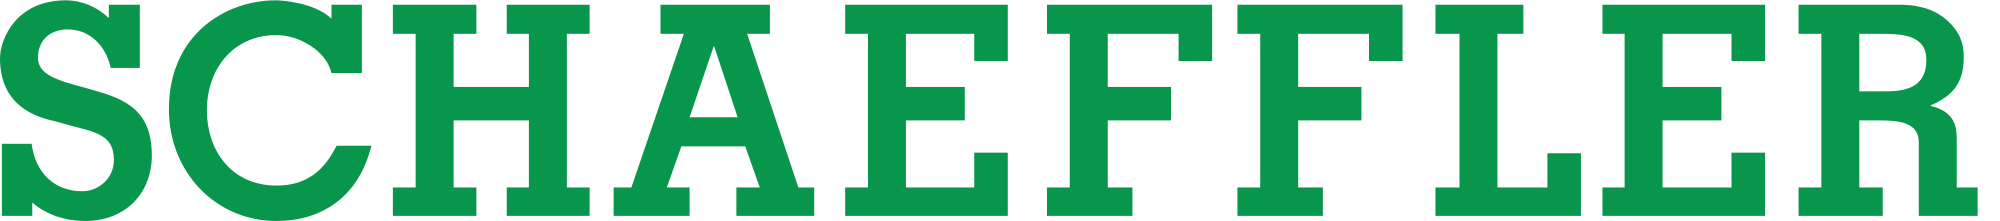 Schaeffler_logo